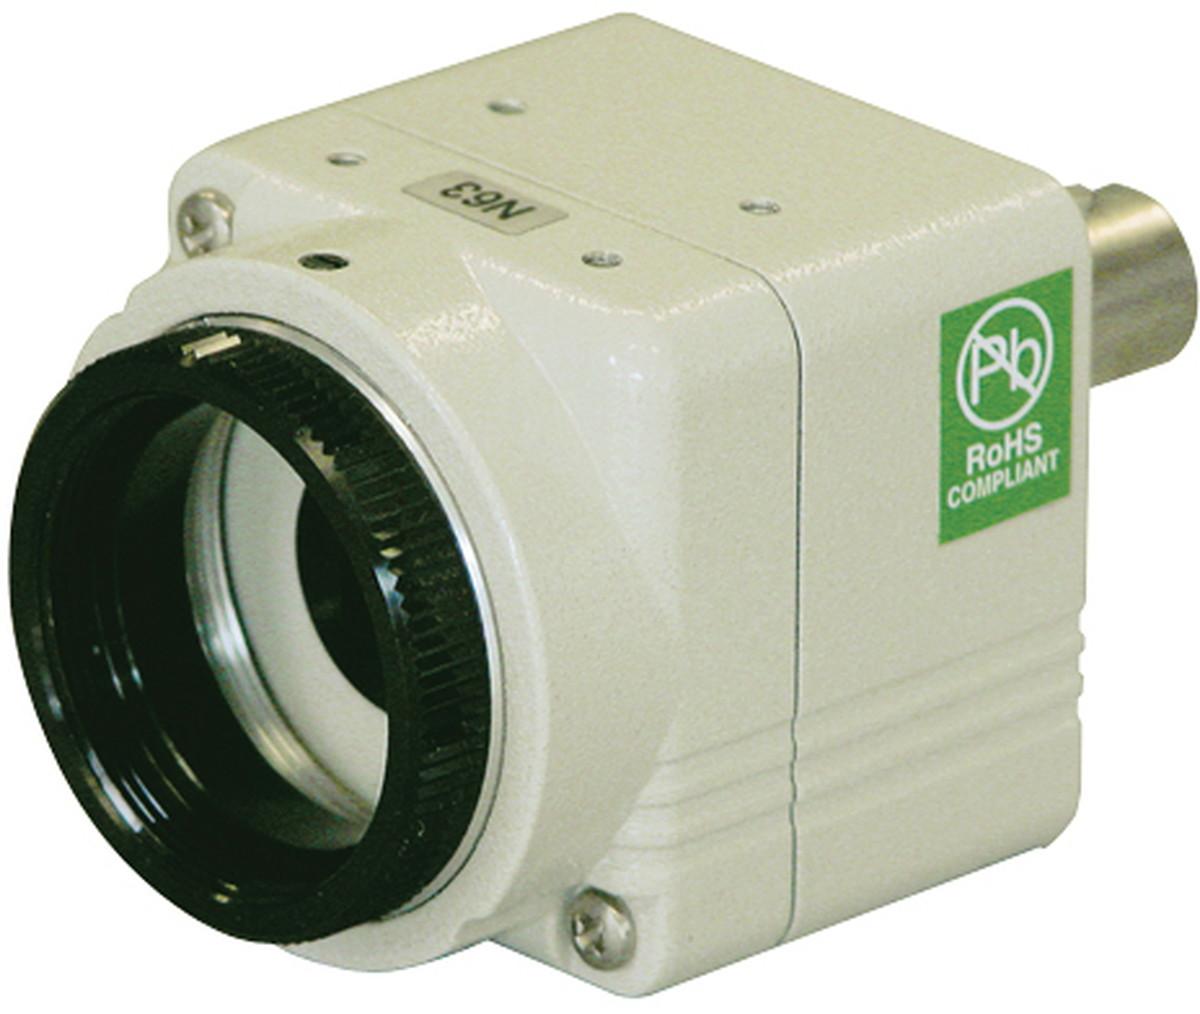 ★ポイント最大14倍★【送料無料】-小型CCDカラーカメラ KS-N63 品番 my24-6264-00-- 1入り-【MY医科器機】